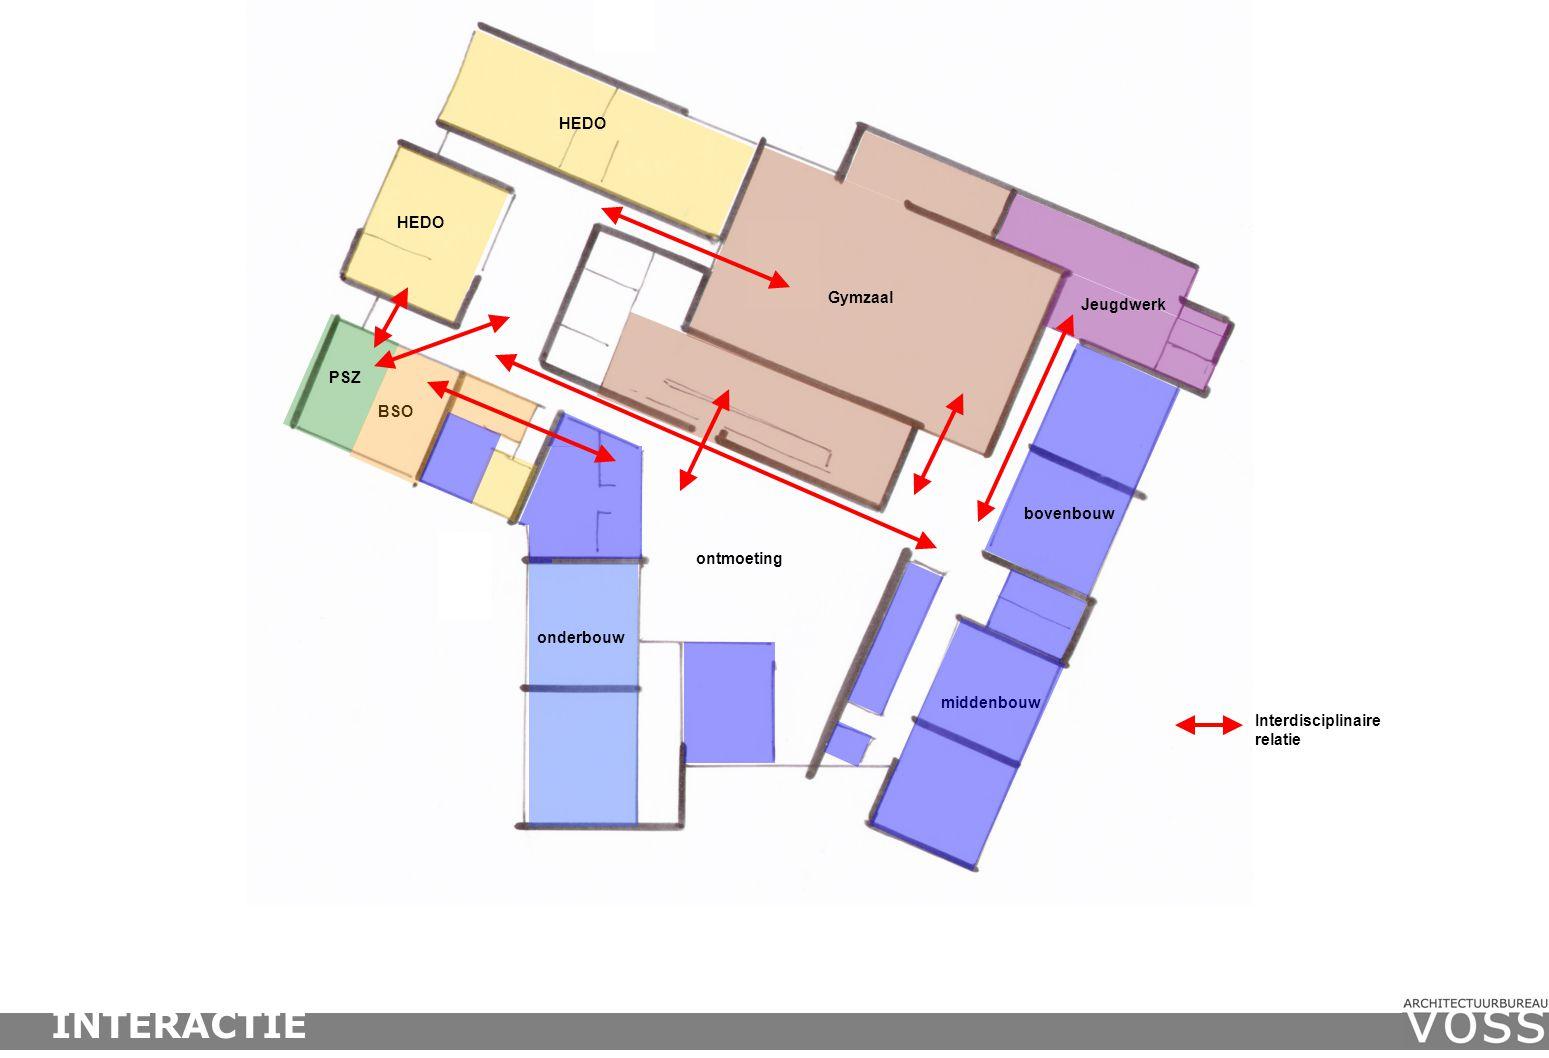 Interdisciplinaire relatie HEDO BSO PSZ onderbouw ontmoeting middenbouw HEDO Gymzaal Jeugdwerk bovenbouw INTERACTIE